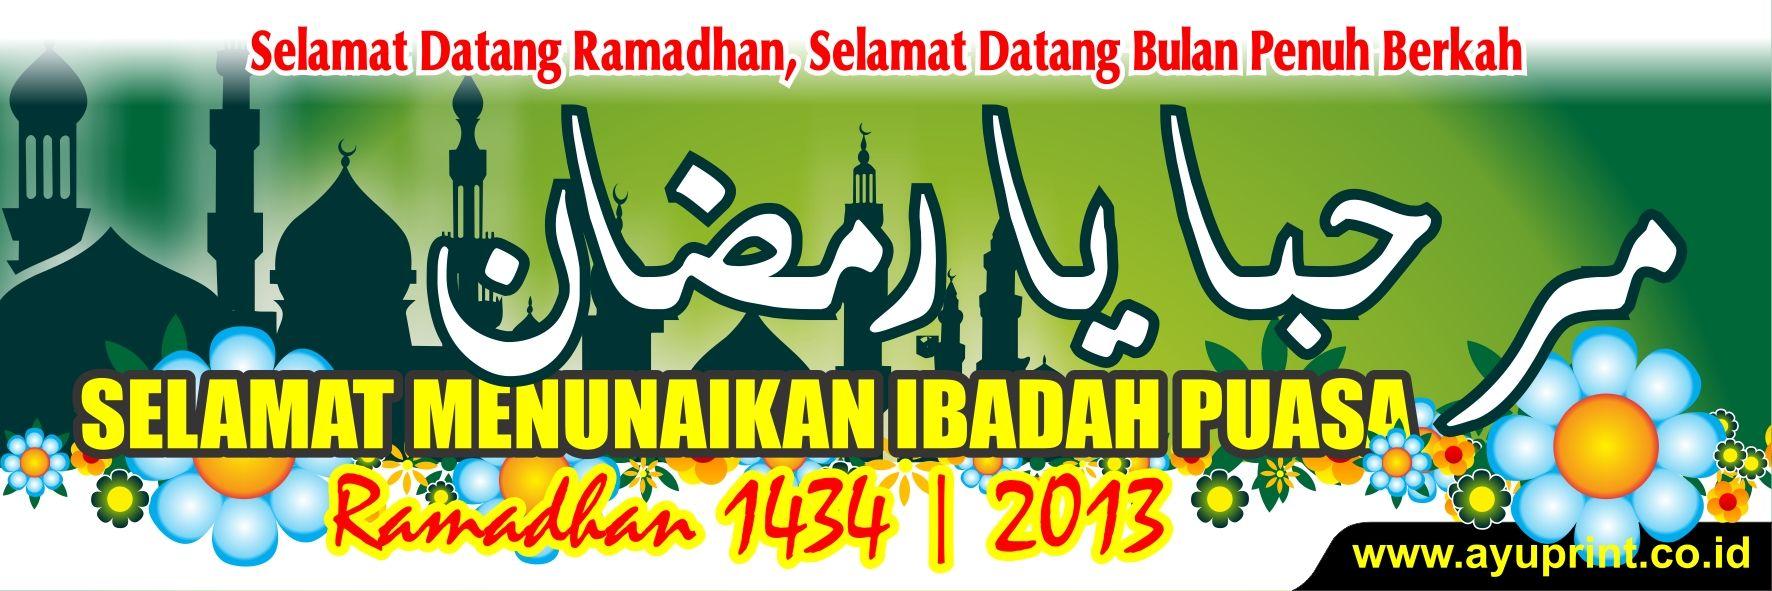 Banner Menyambut Marhaban Ramadhan Banner Ramadhan Cara Bikin Spanduk Pake Corel Draw Corel